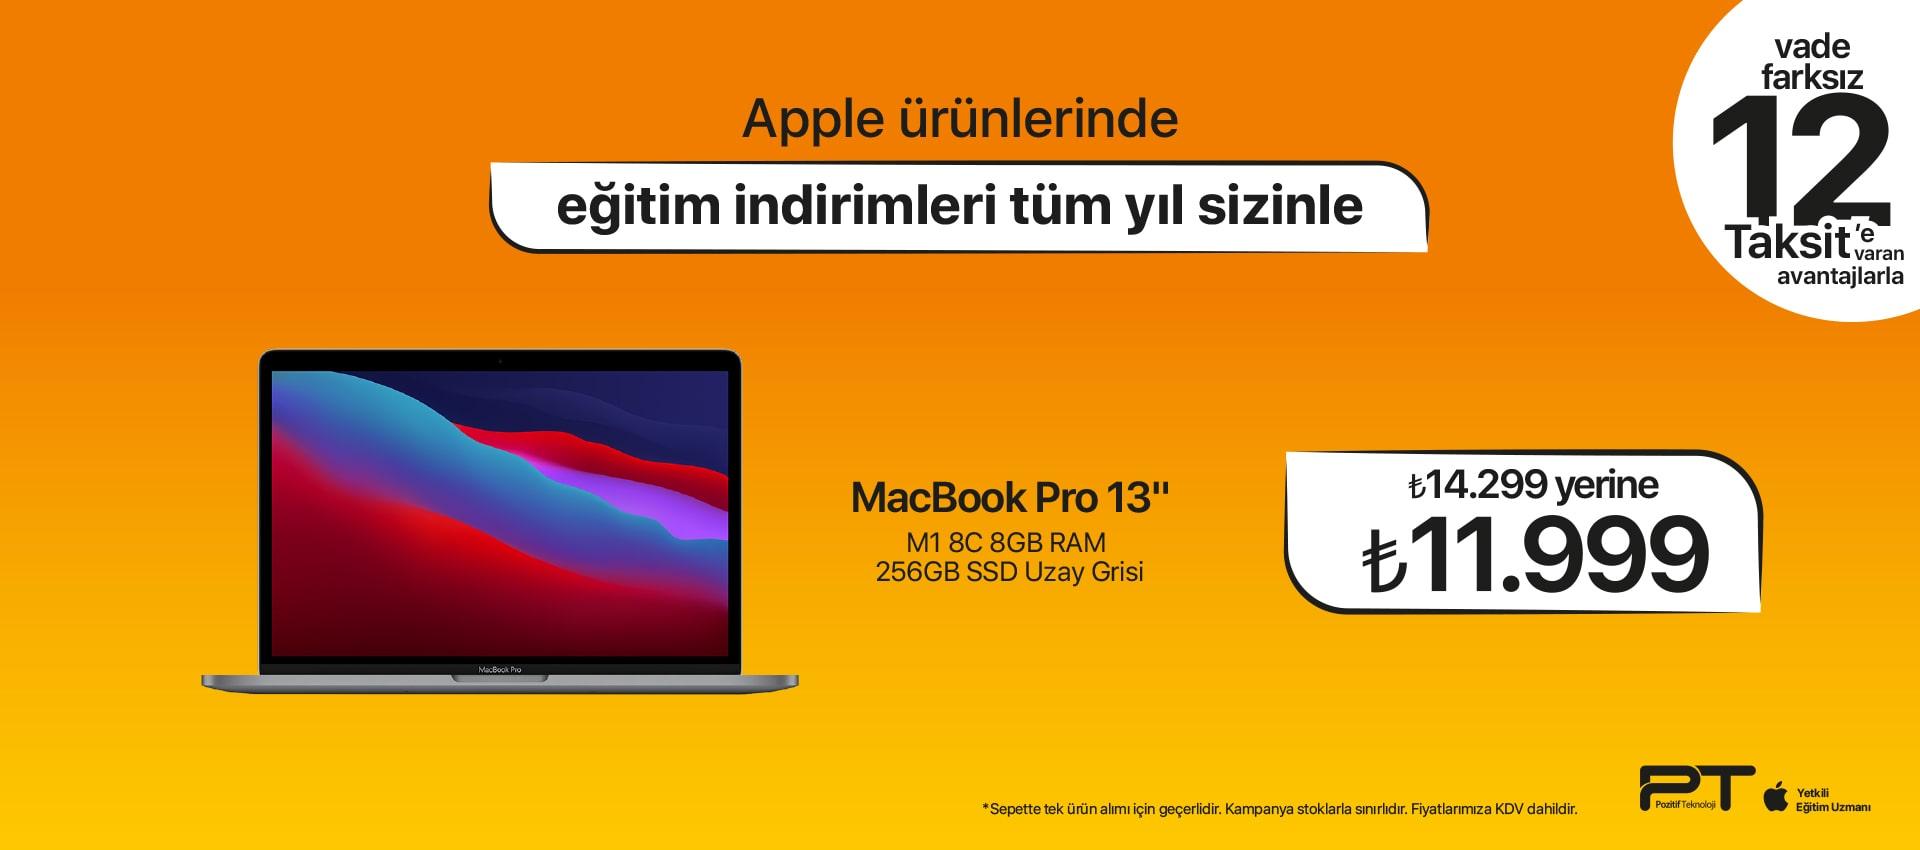 mac pro 12 taksit